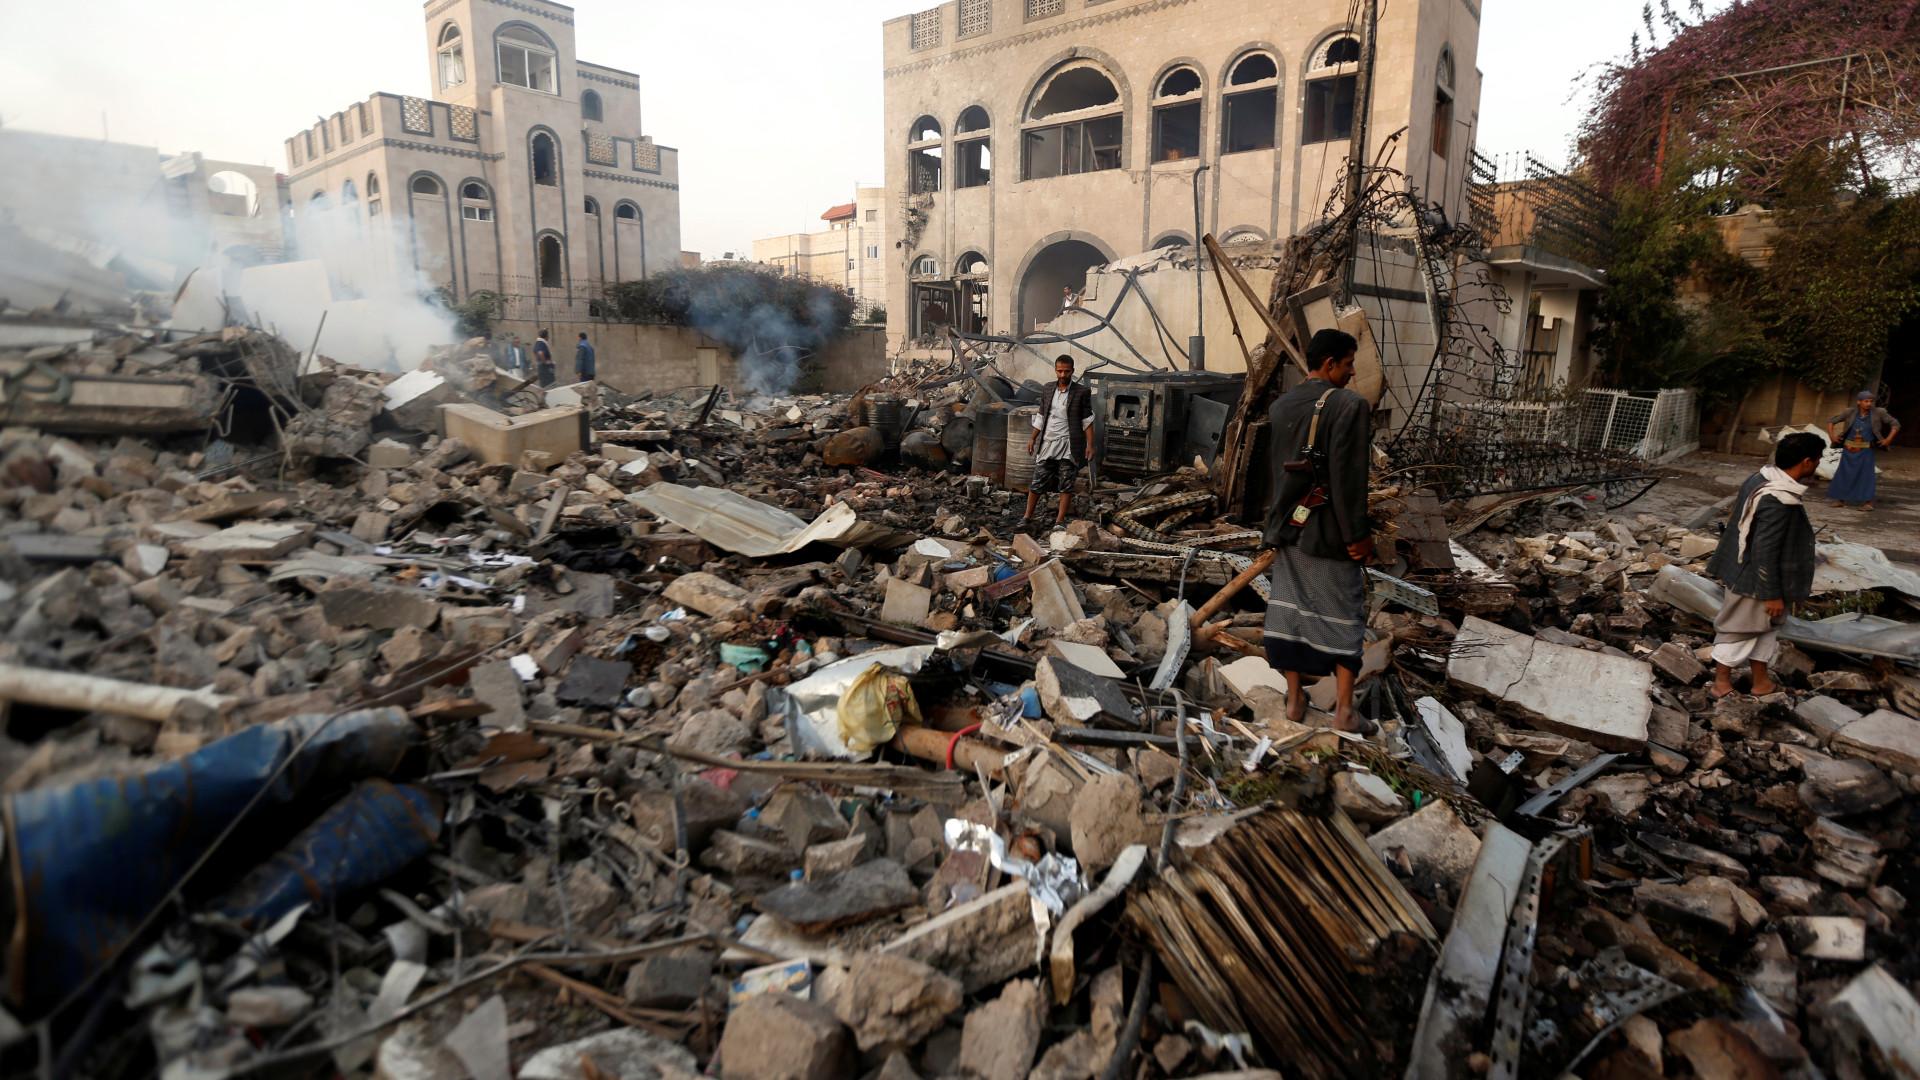 Liga Árabe convoca sessão extraordinária para tratar do conflito no Iémen